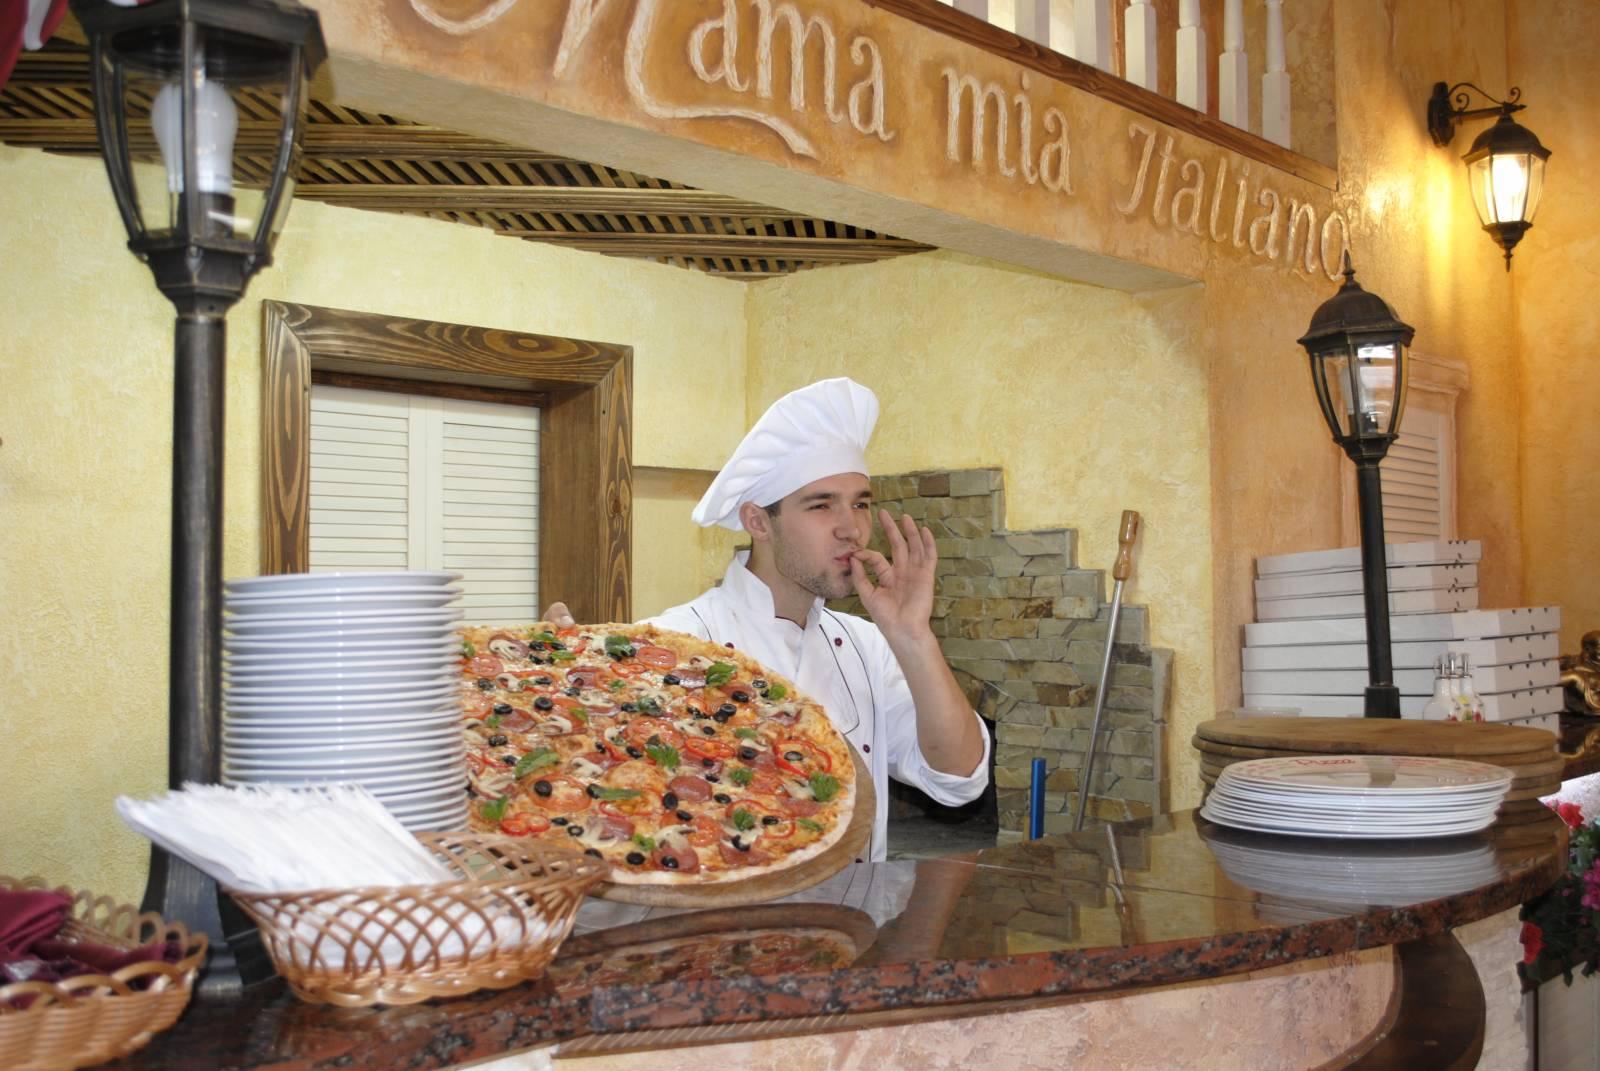 Мама Мия пицца